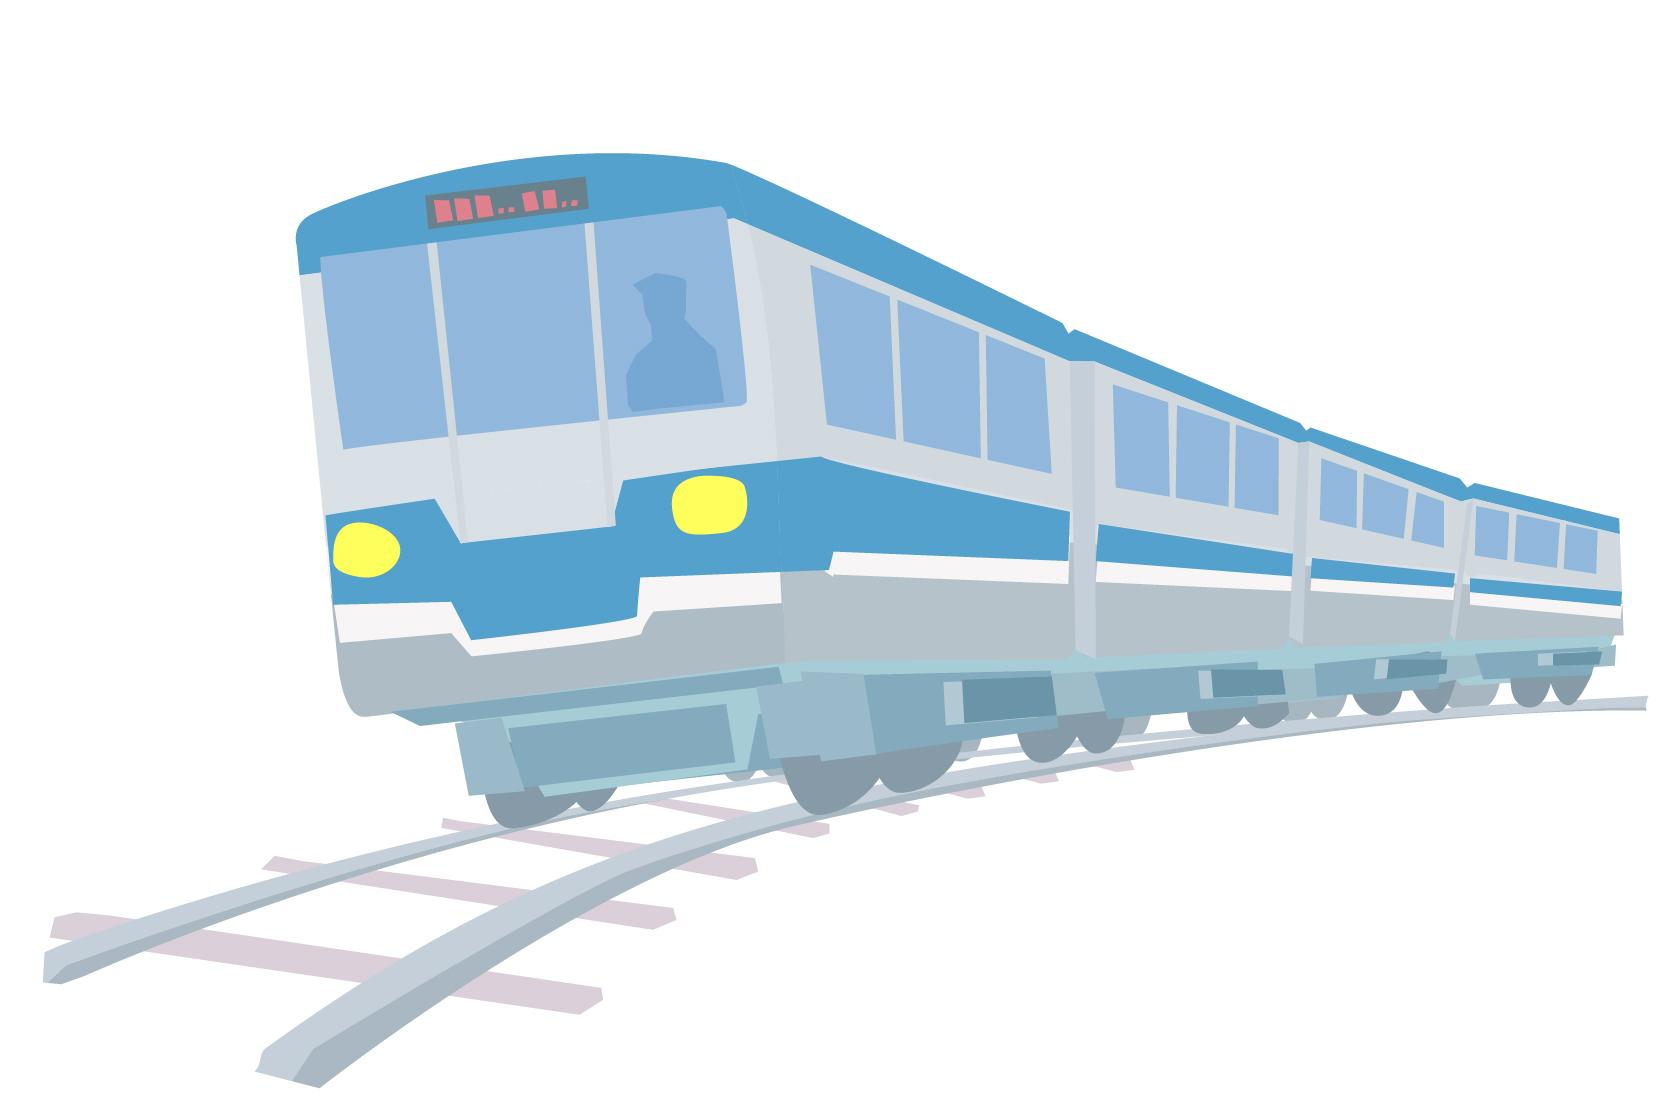 いいかげんすぎるドイツ電車事情。予告なしに電車が運行中止も